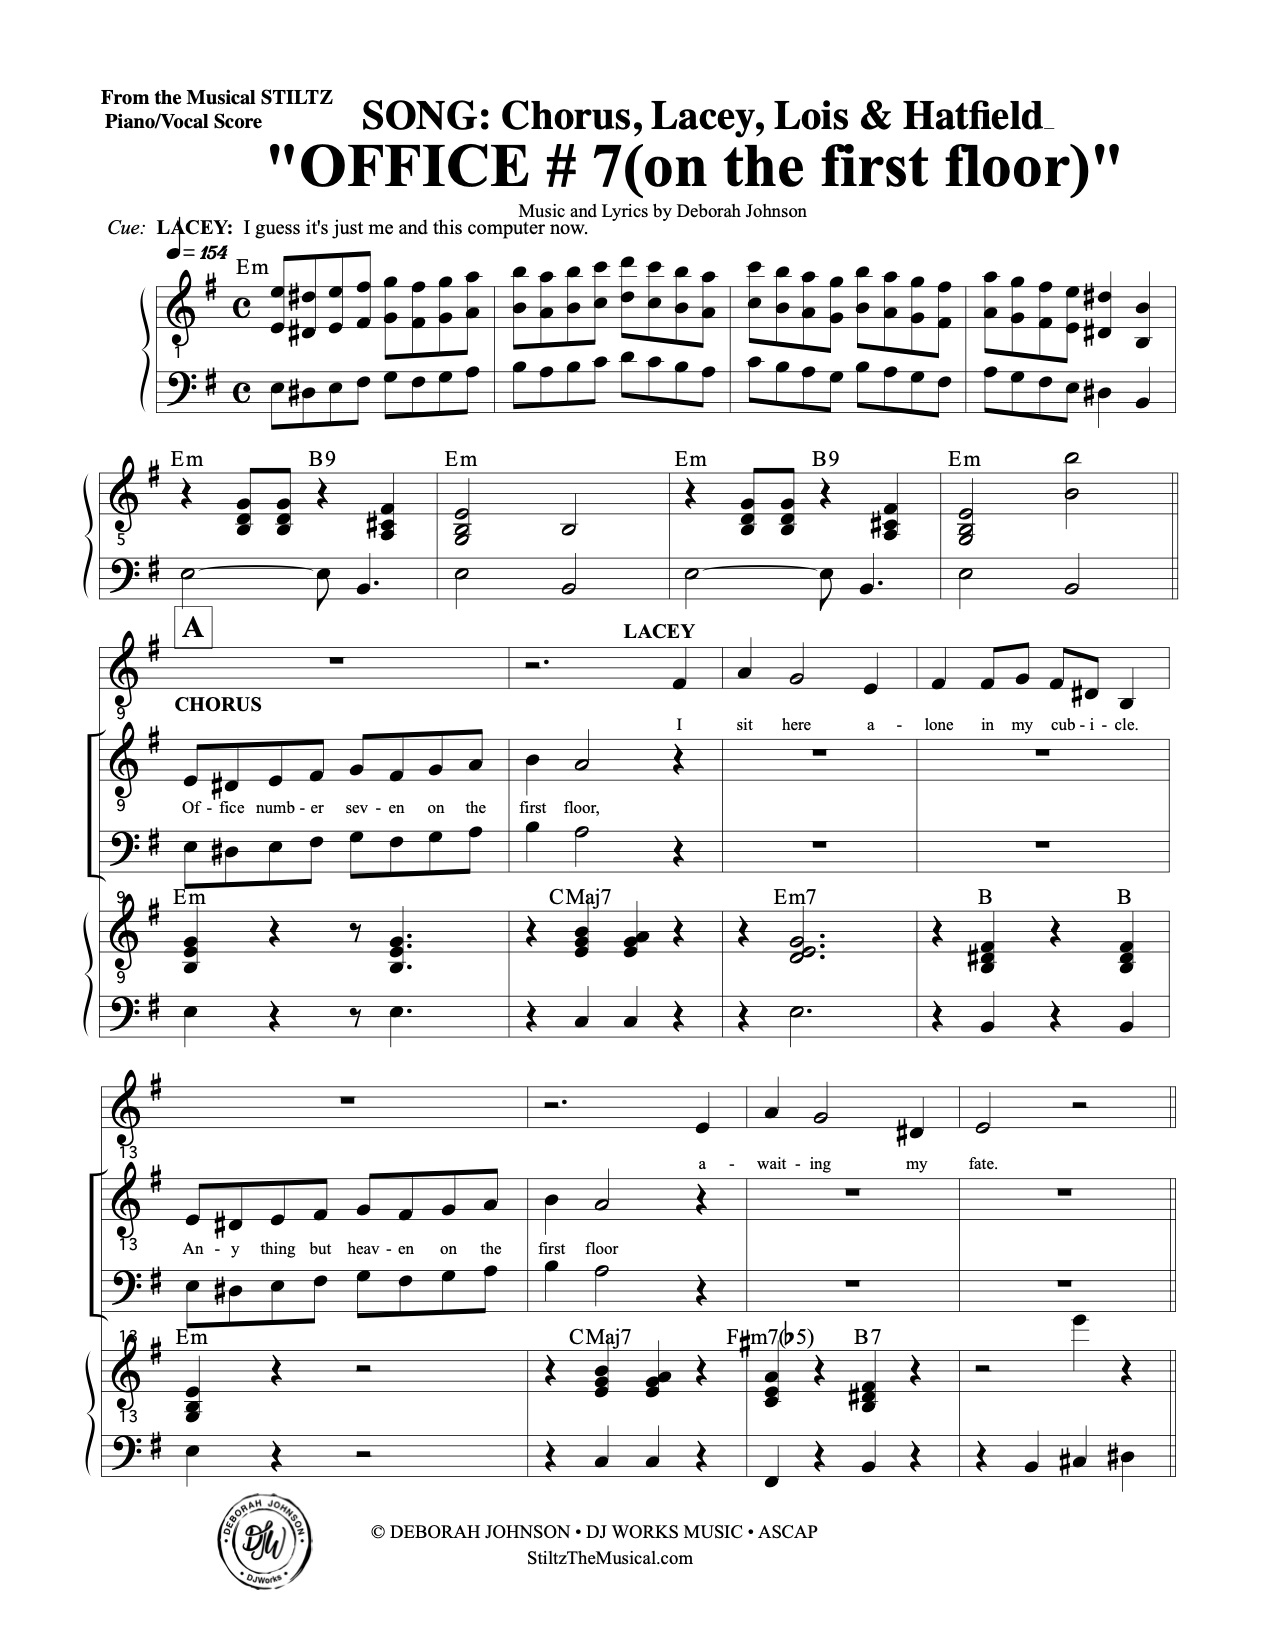 Office #7 pg.1- Stiltz the Musical